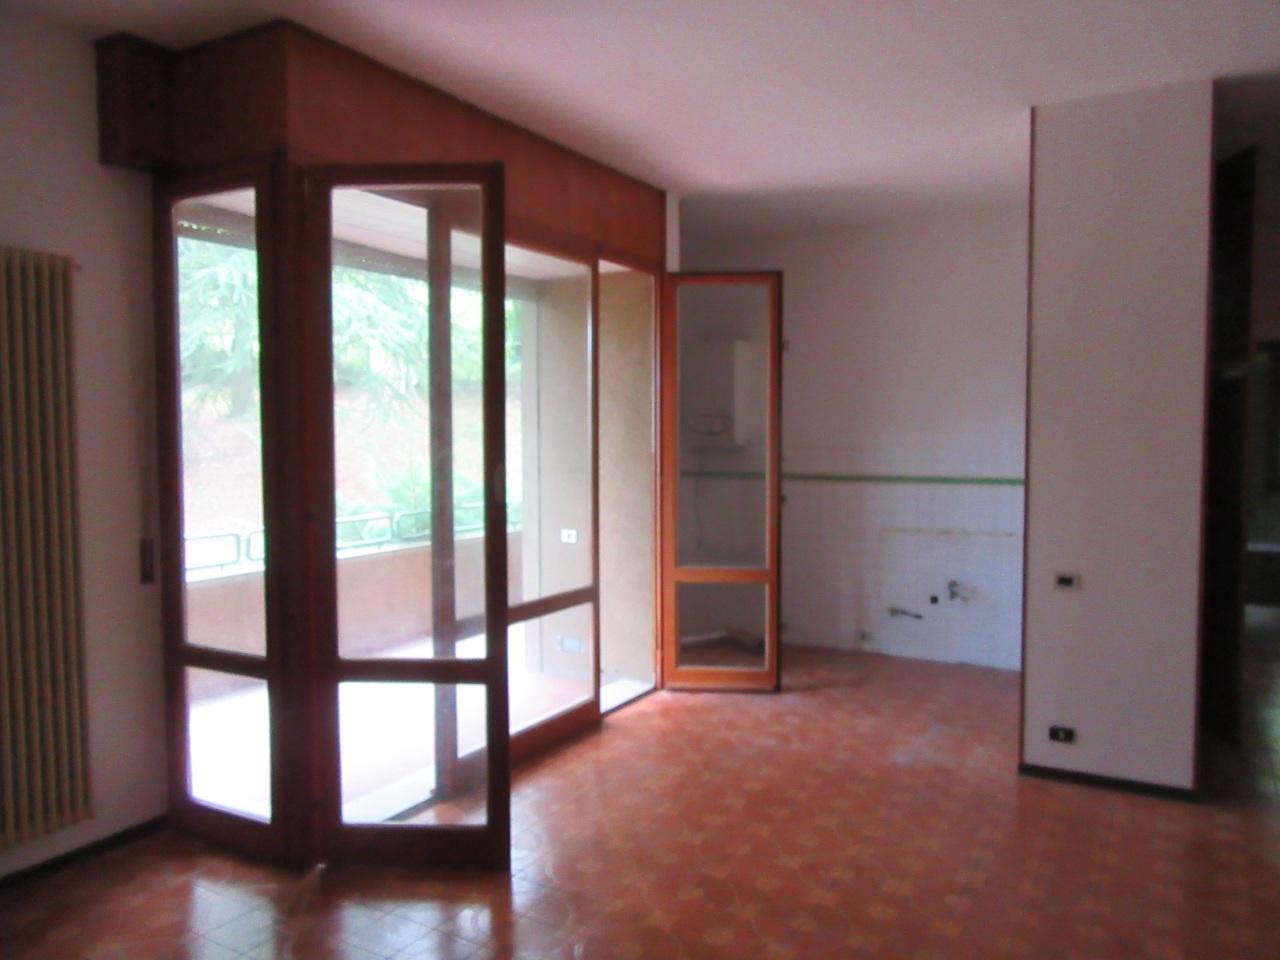 Bilocale Salsomaggiore Terme Via Piave 26 6